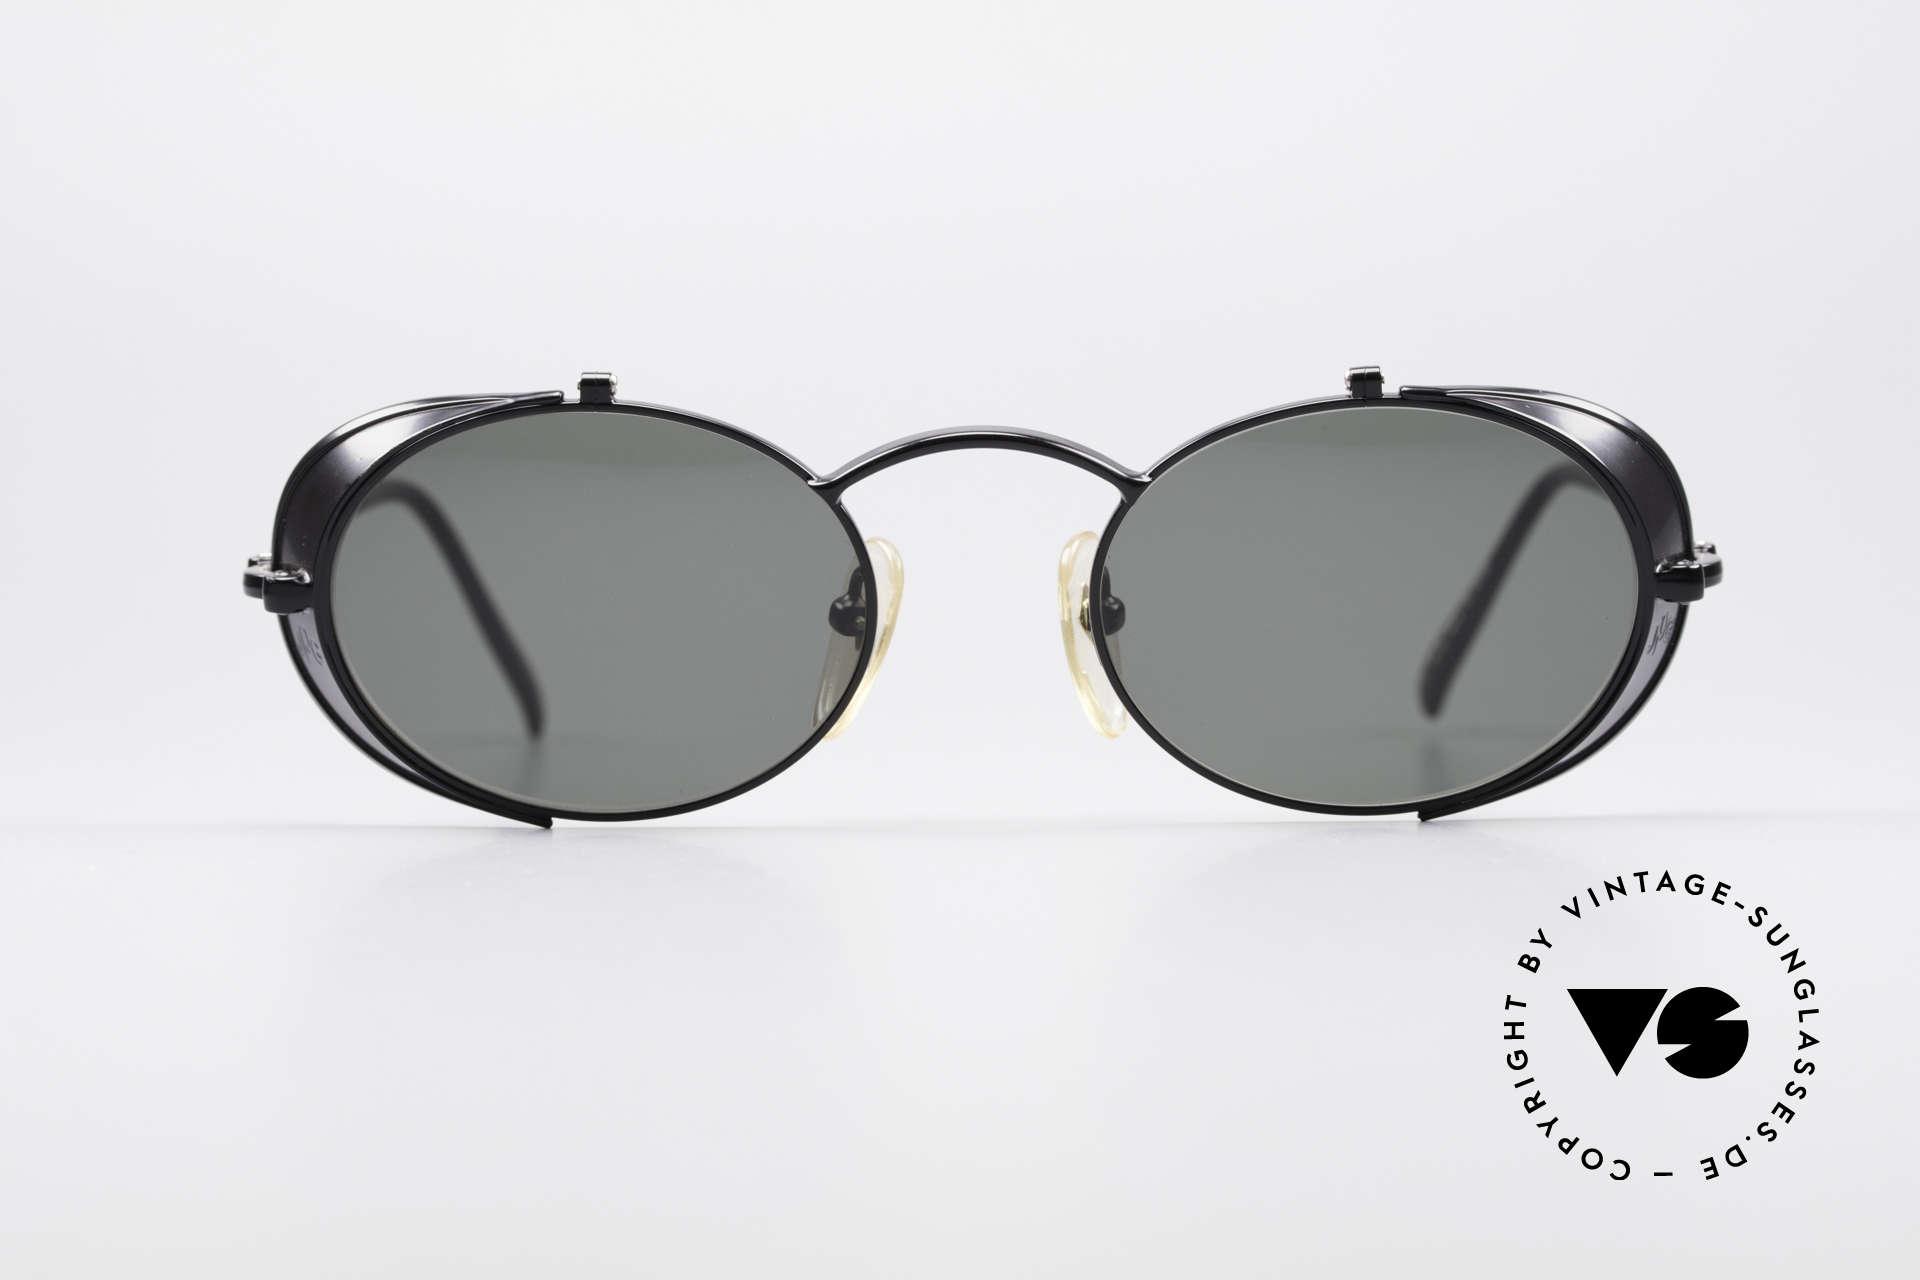 Jean Paul Gaultier 56-1175 Seitenscheiben Sonnenbrille, 'Steampunk-Sonnenbrille' des exzentrischen Designers, Passend für Herren und Damen